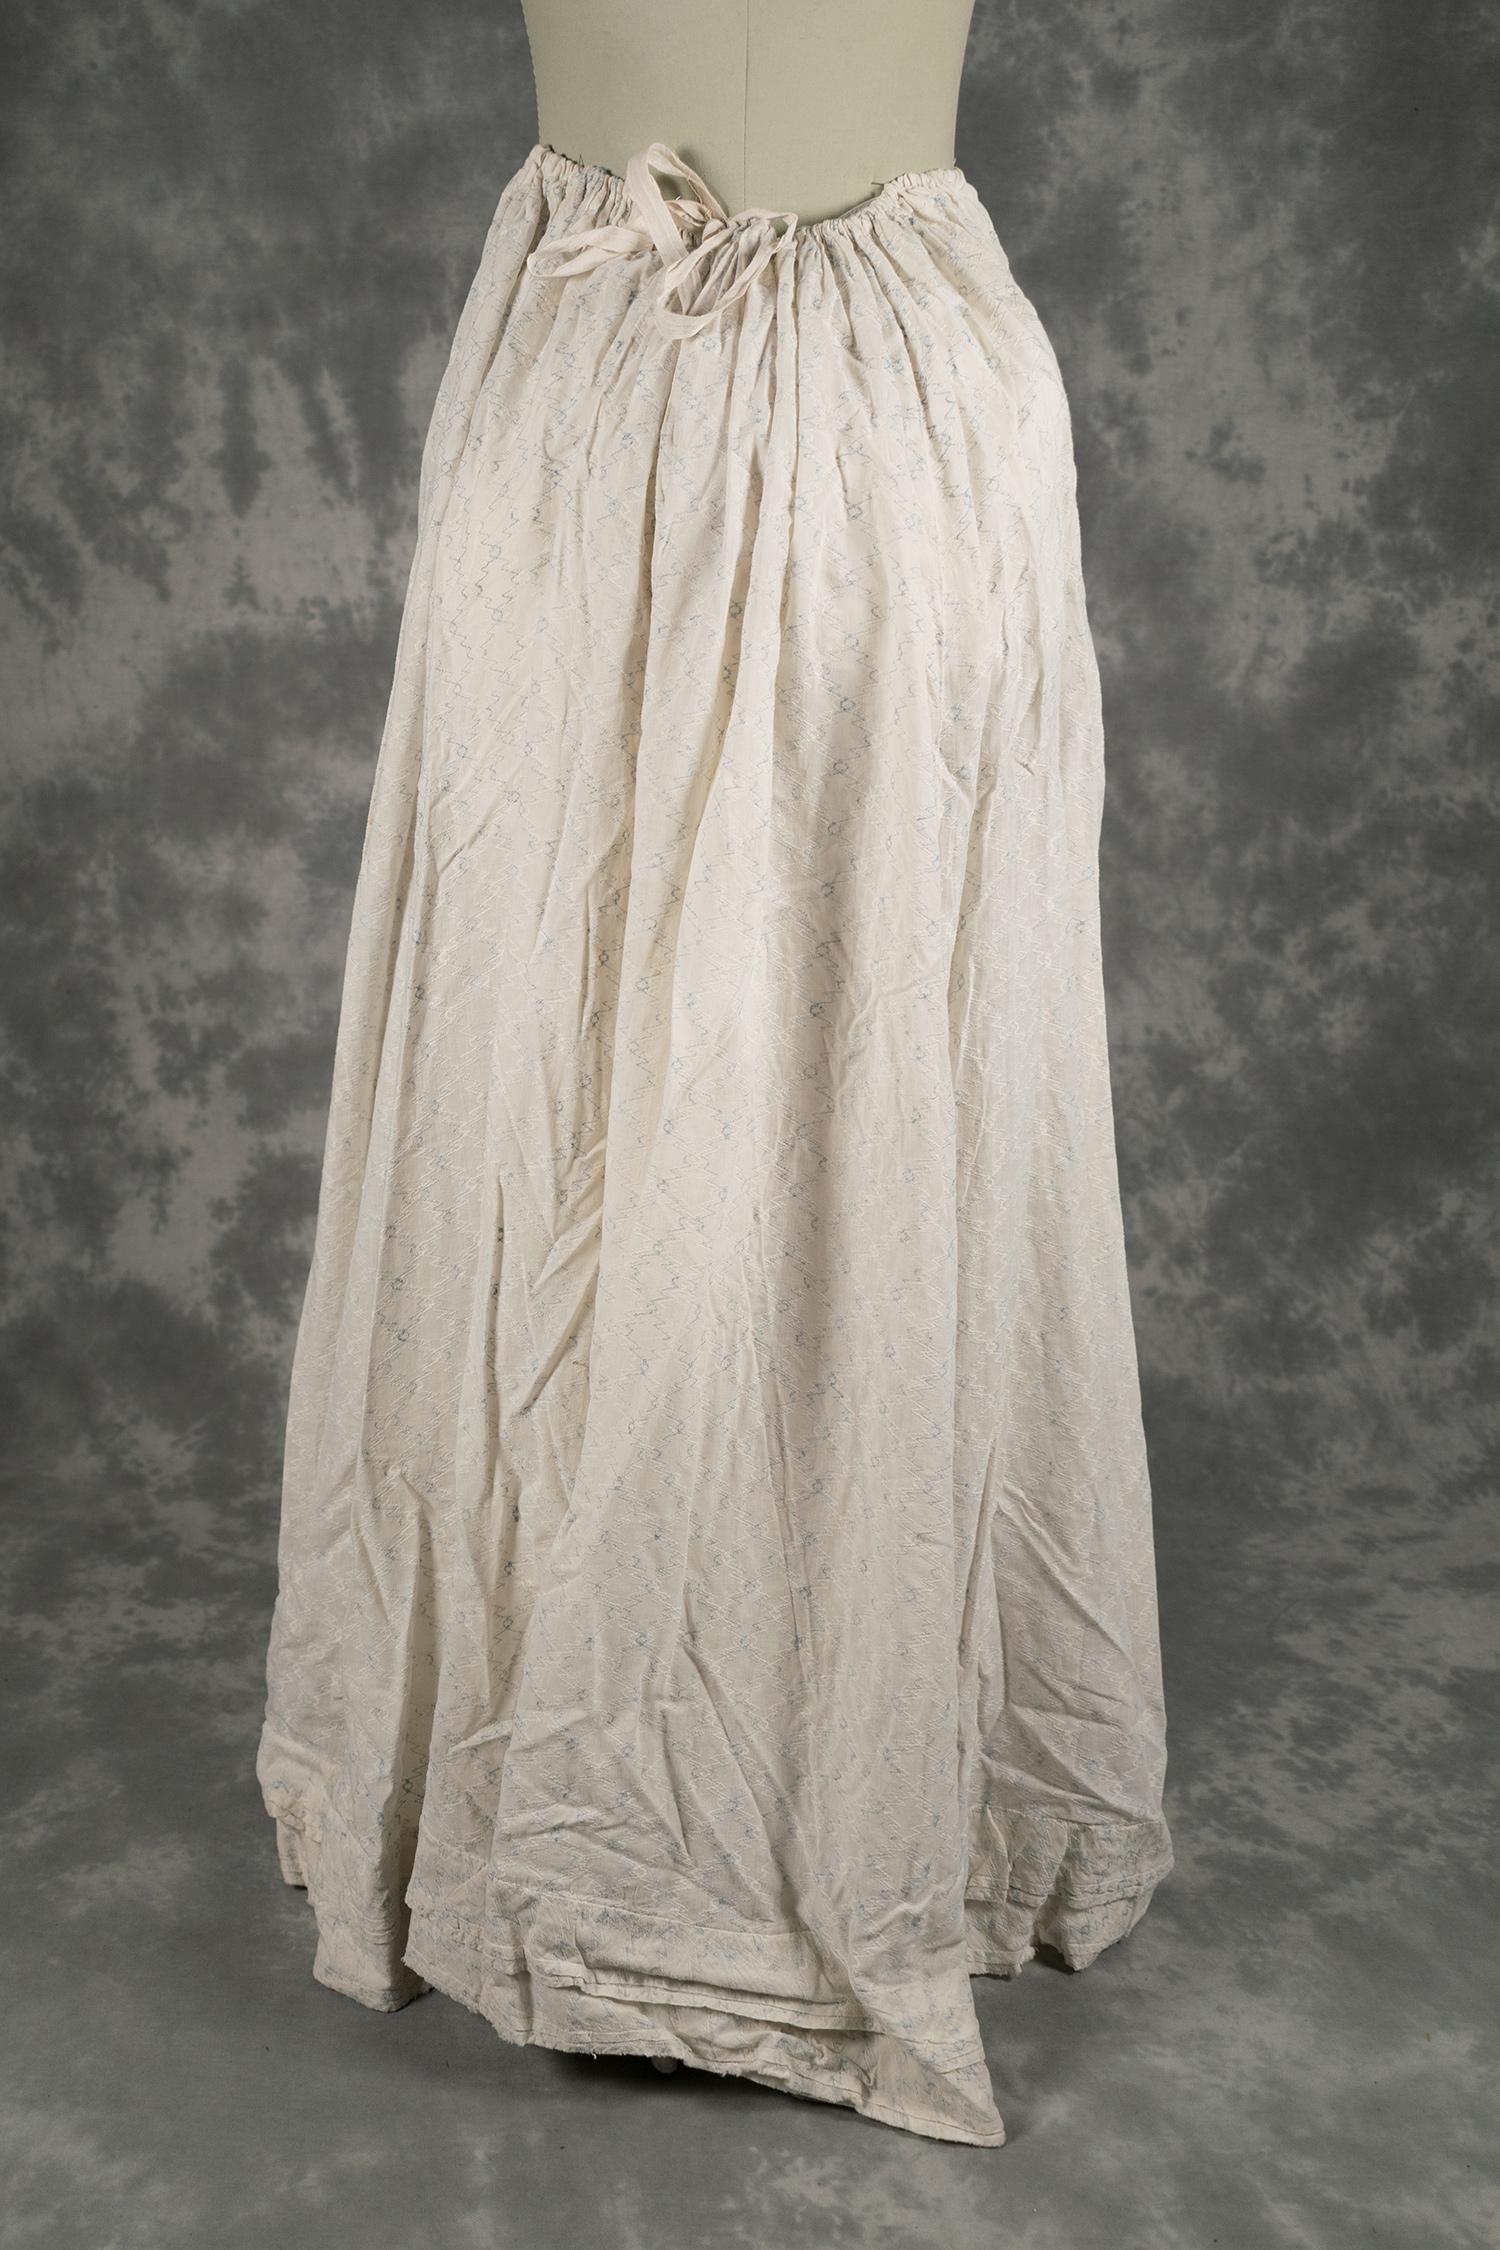 Falda de vestido de verano de algodón blanco  42915cc68b1f